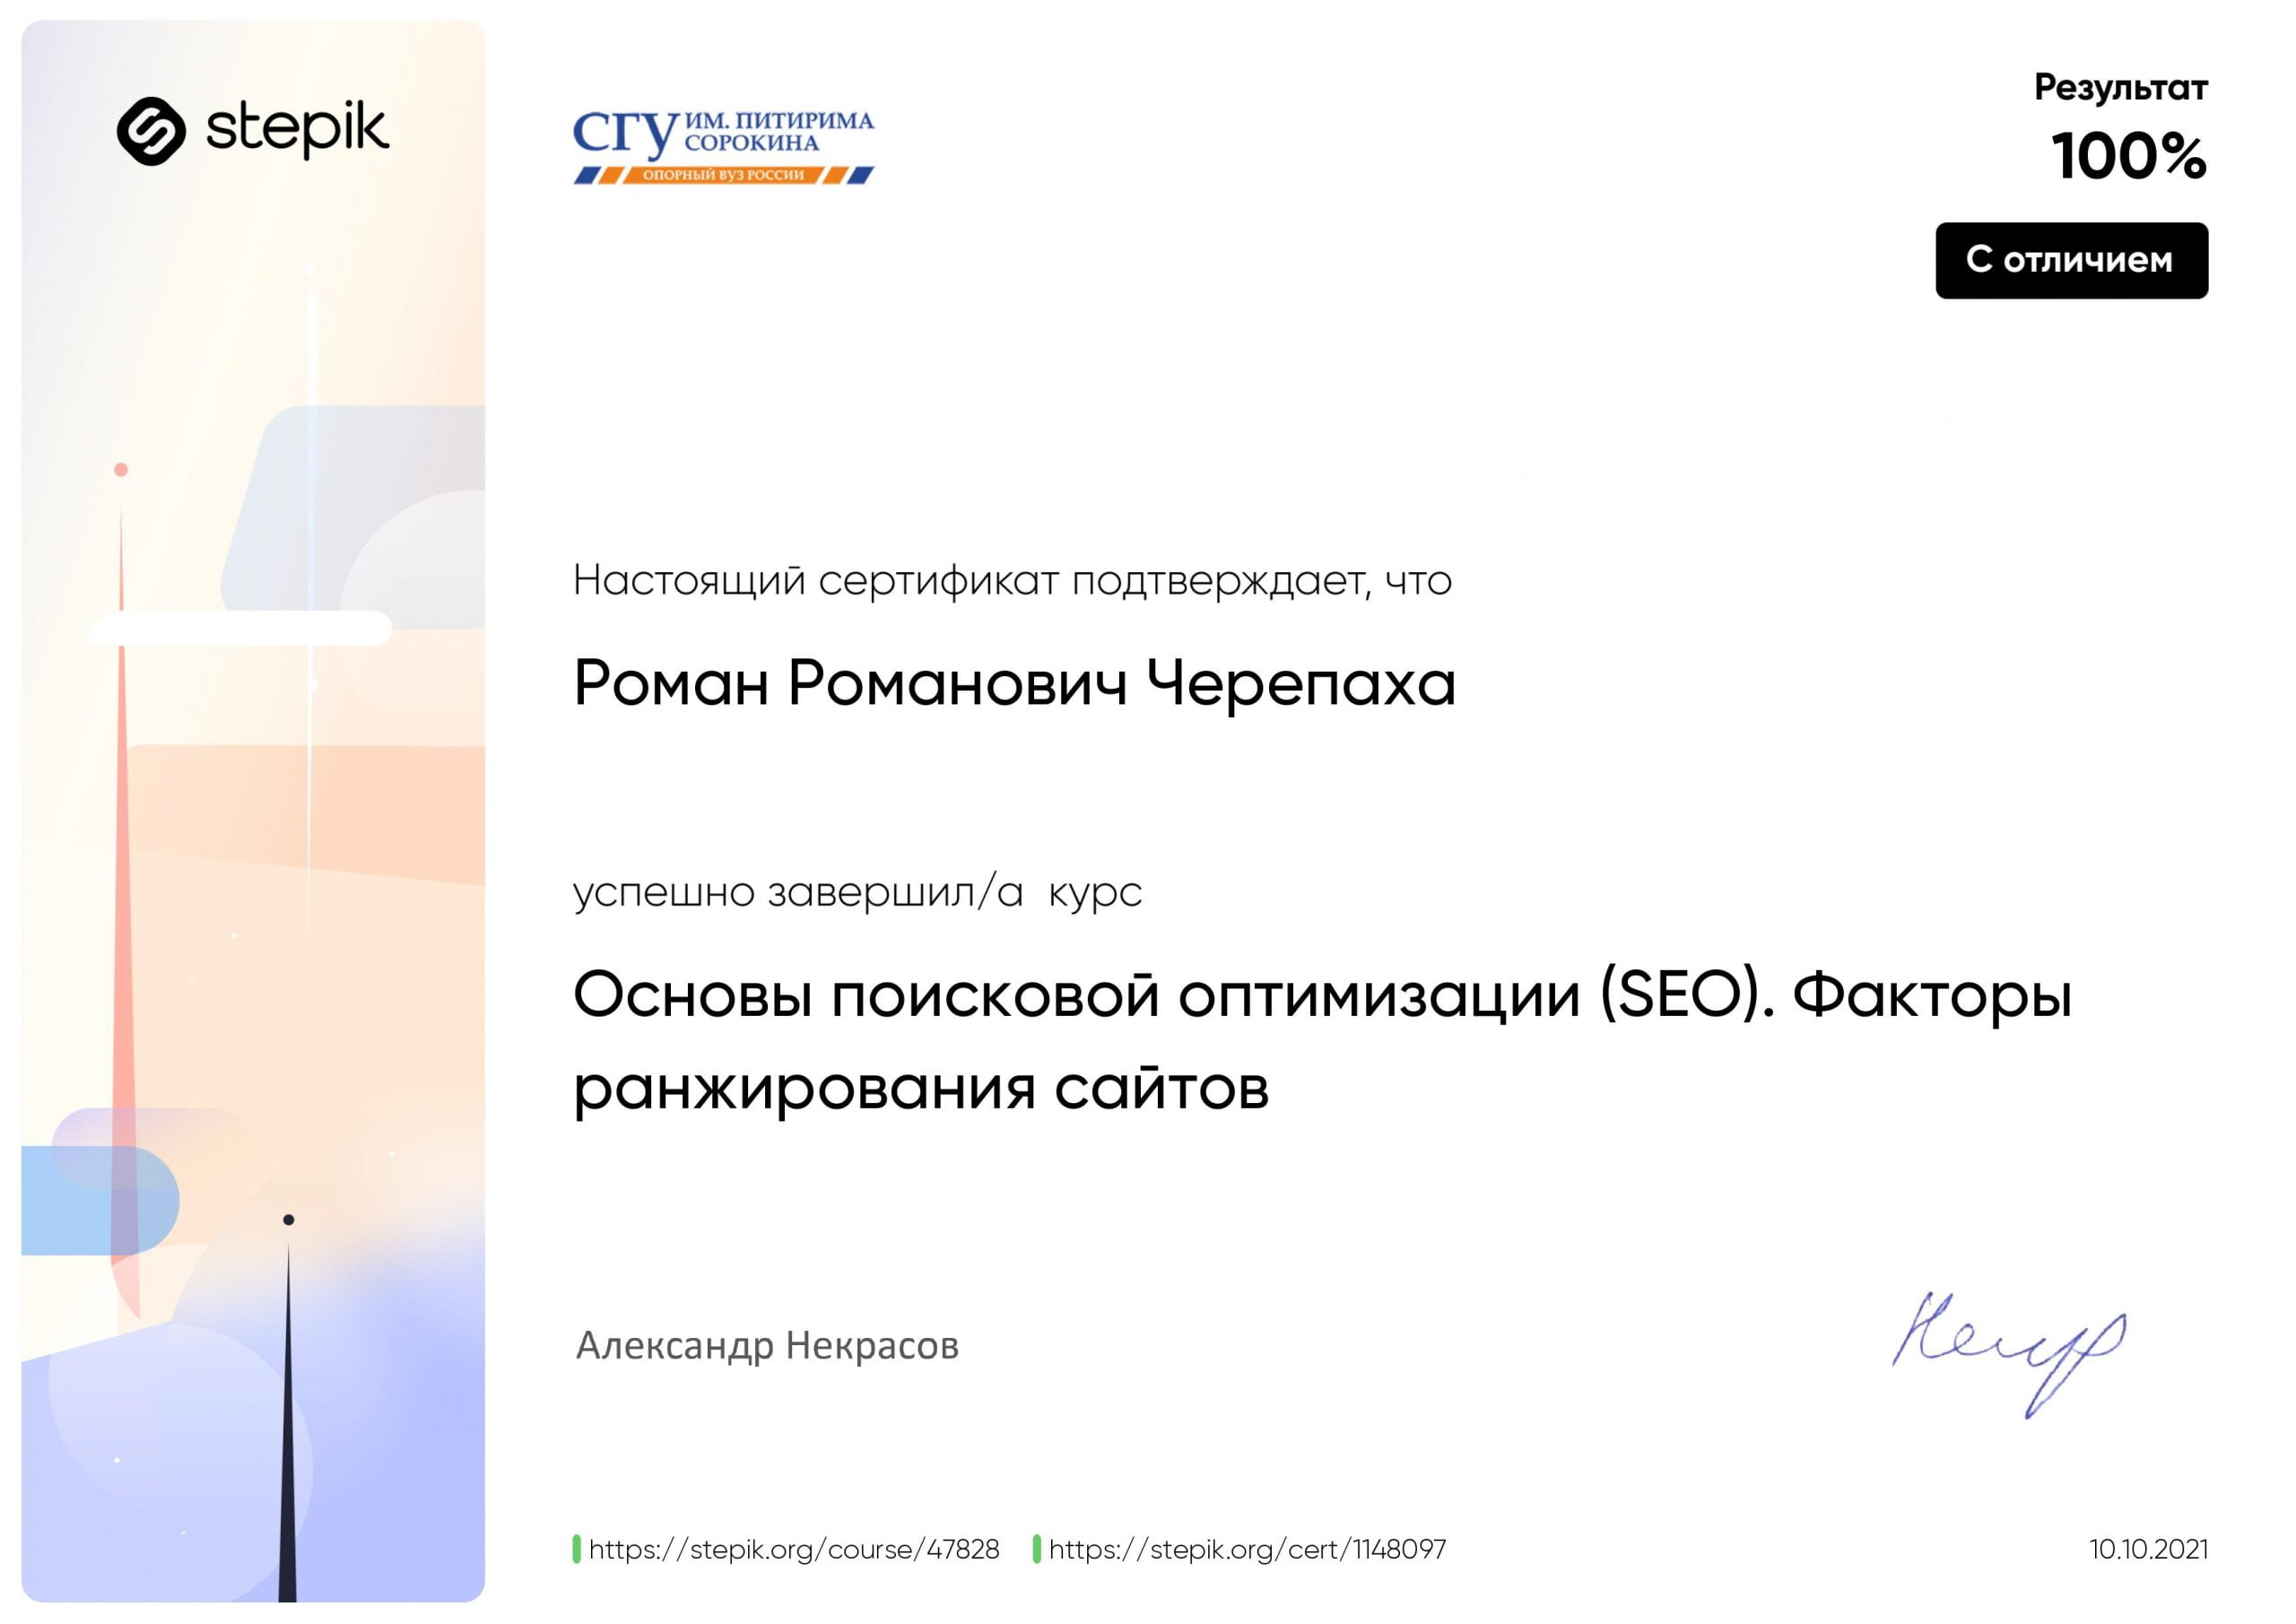 Роман Черепаха - сертифікат